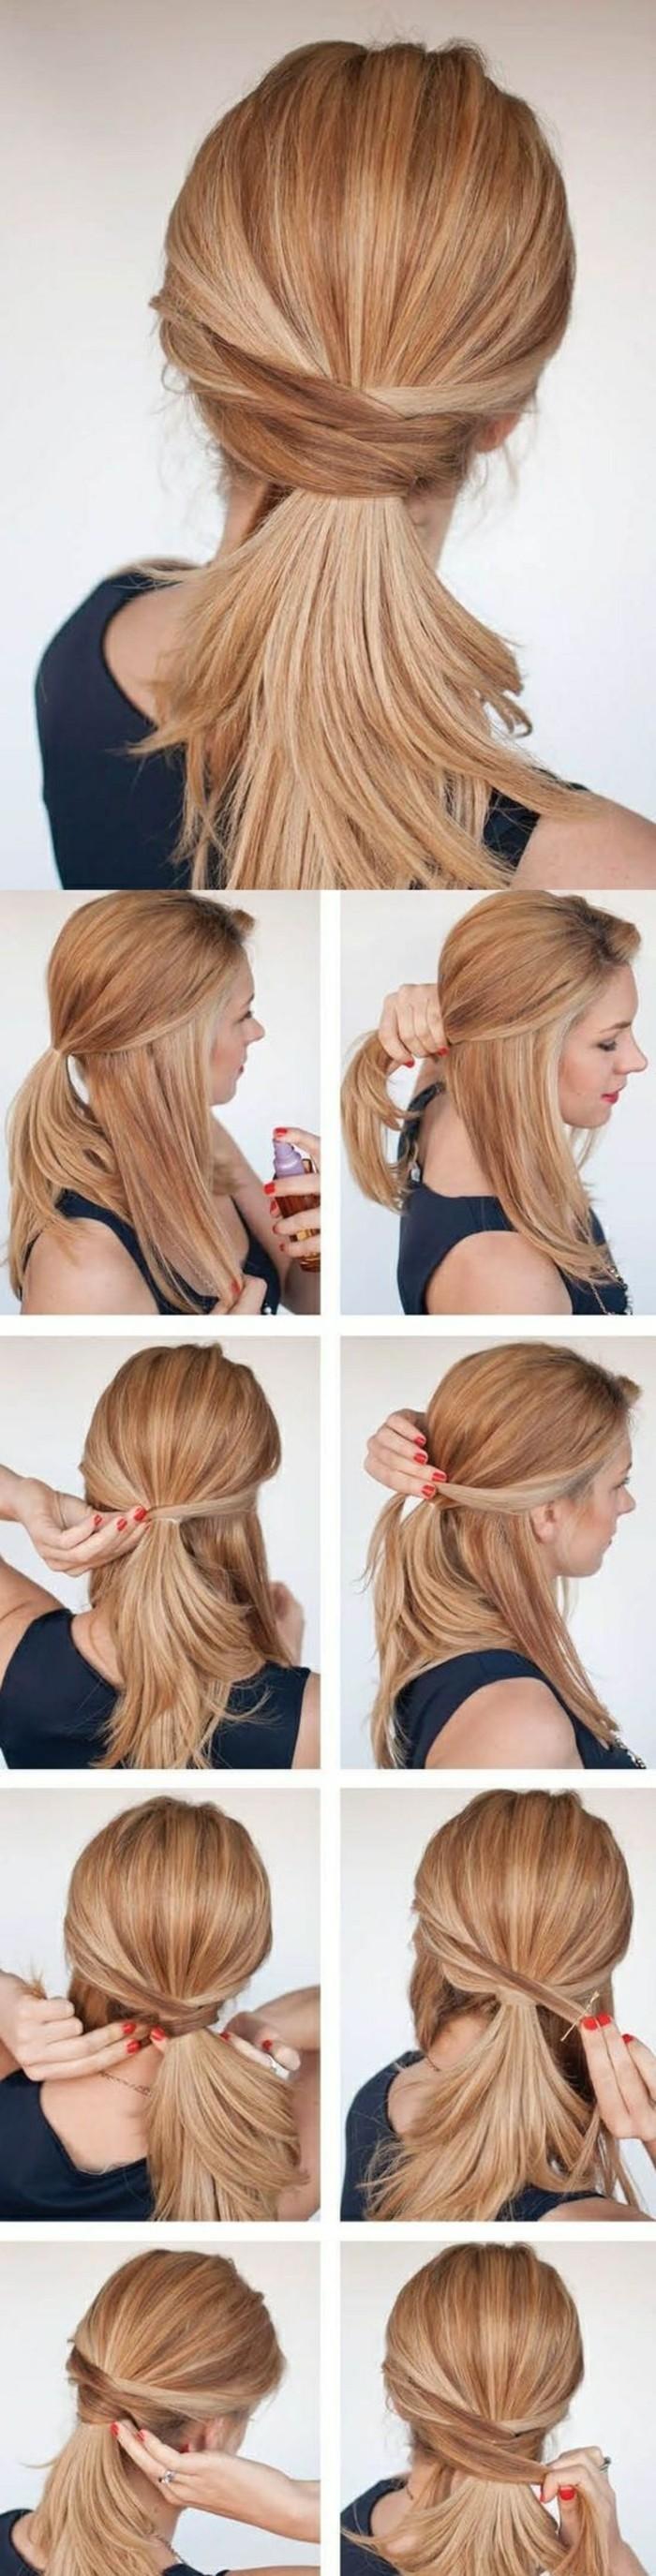 Acconciature capelli sciolti, capelli di colore biondo, tutorial per fare la coda